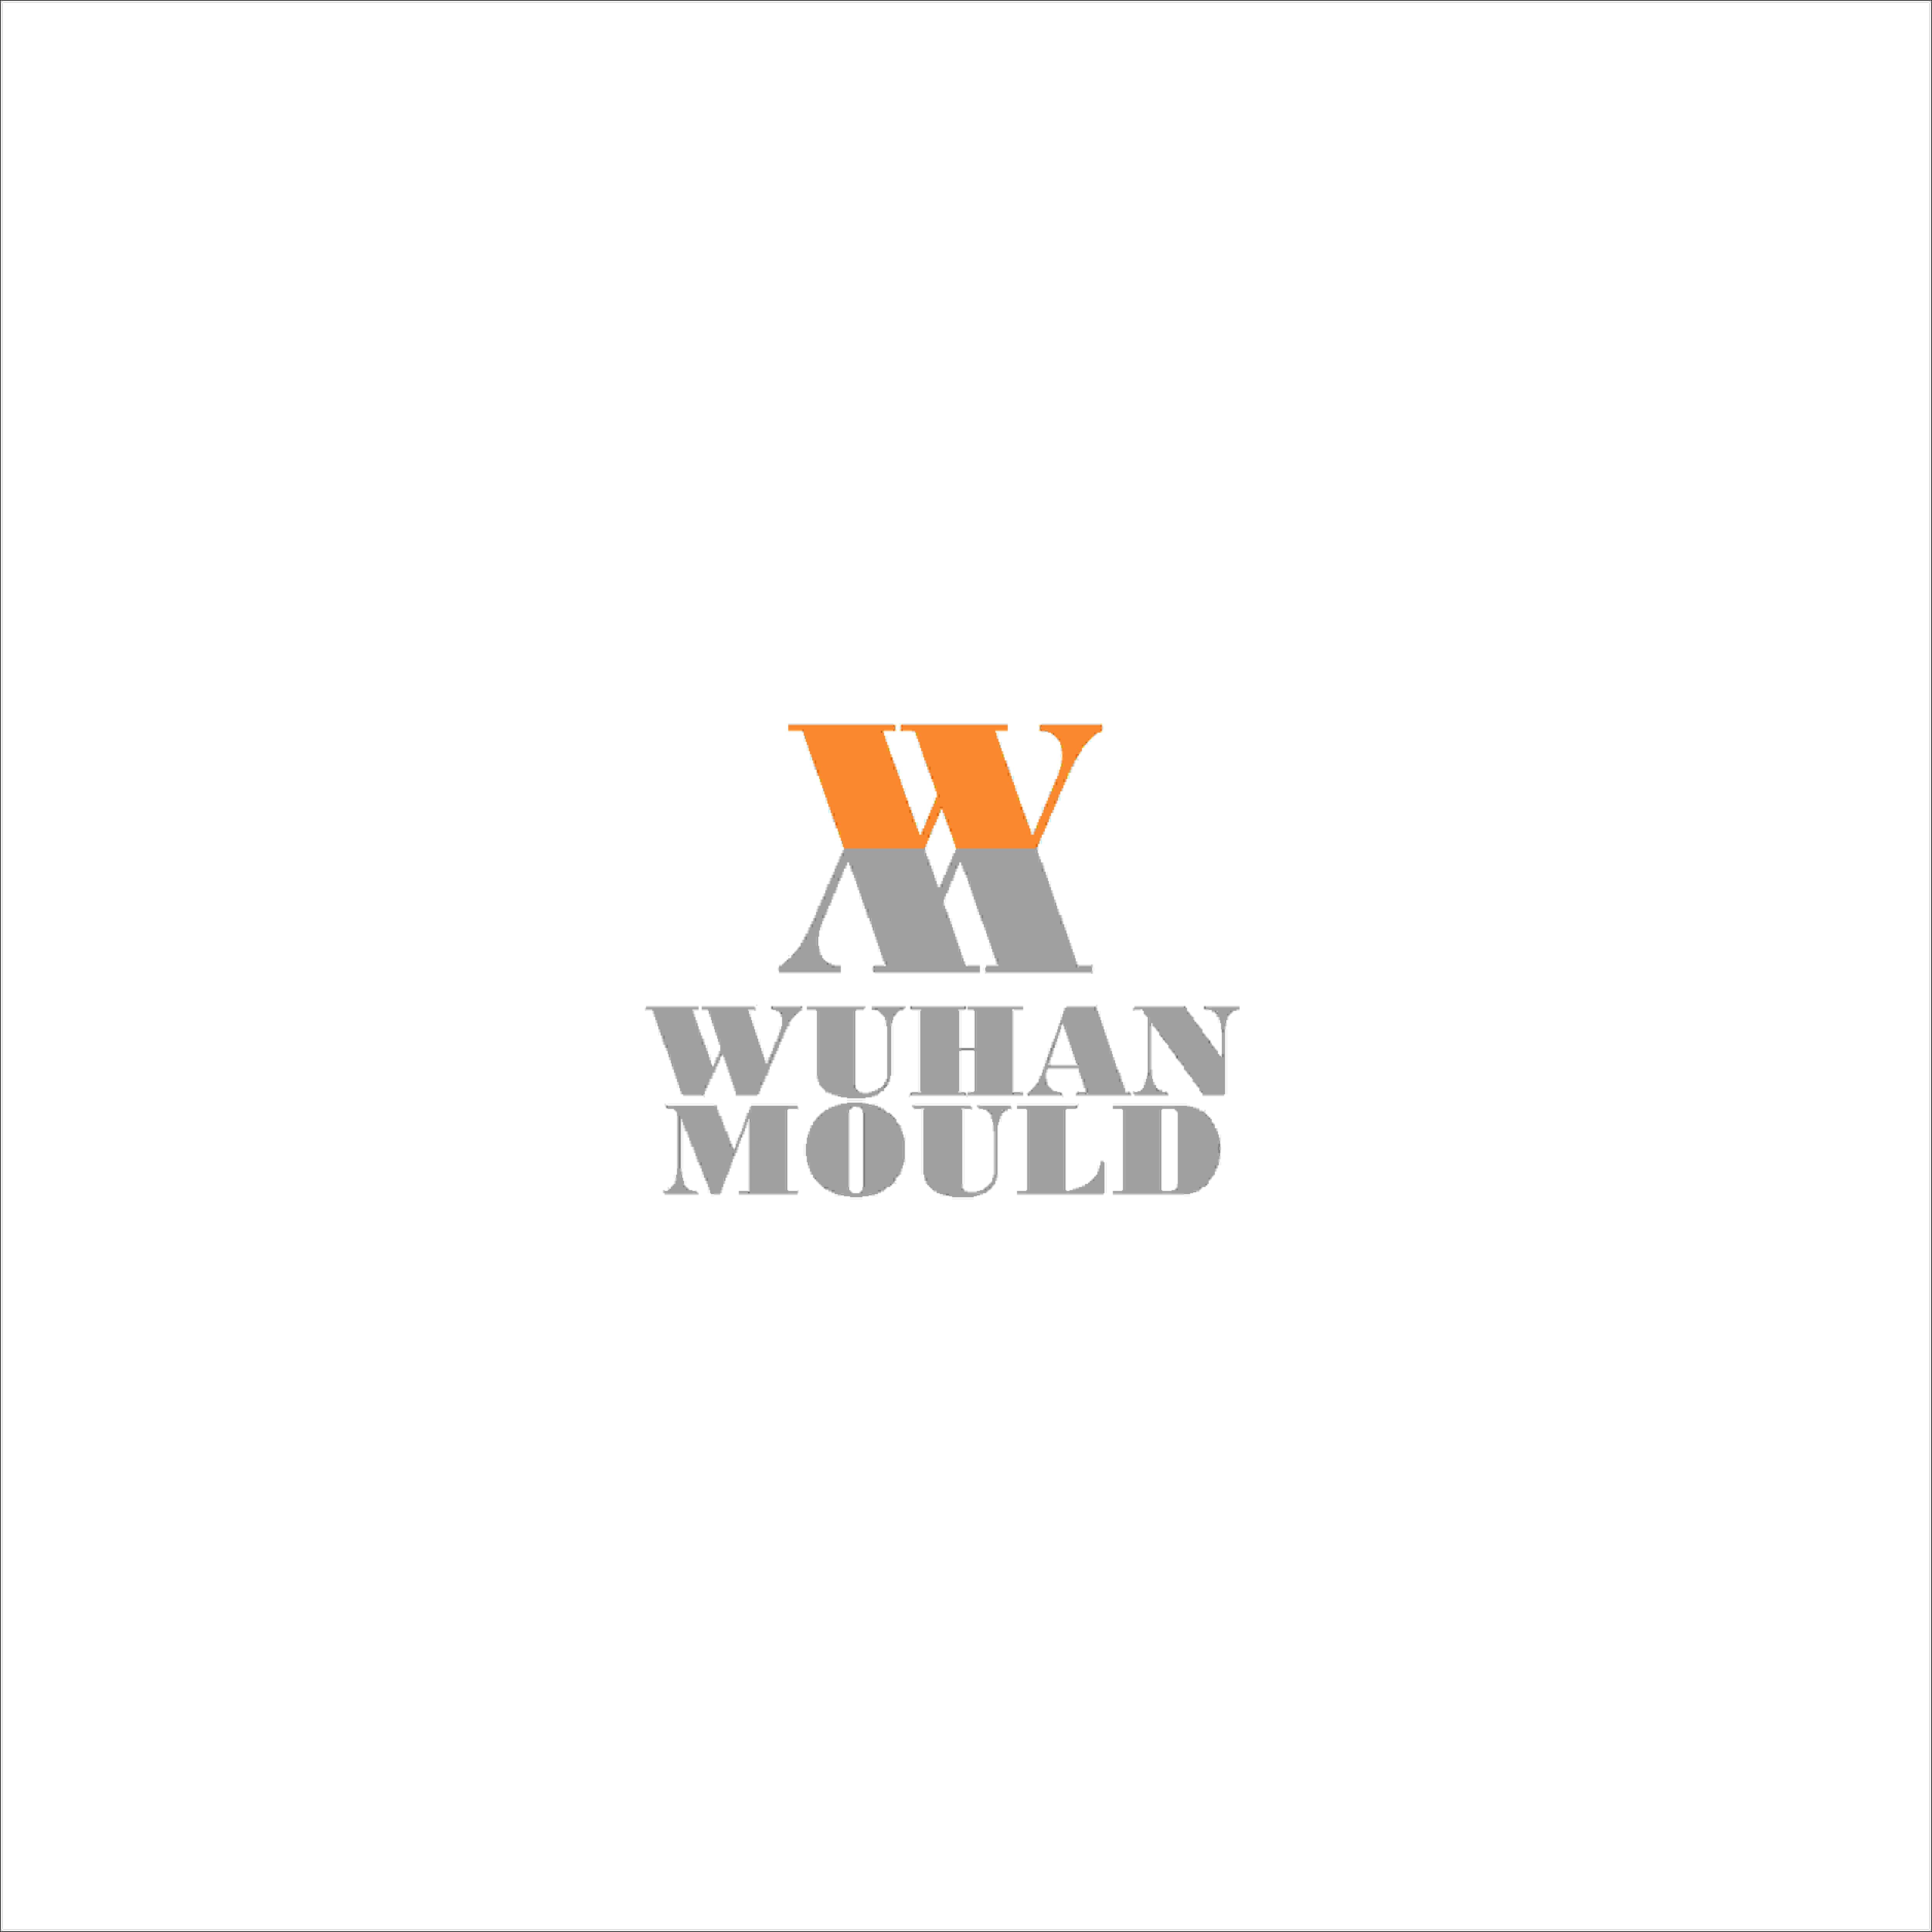 Создать логотип для фабрики пресс-форм фото f_044598994e537386.jpg